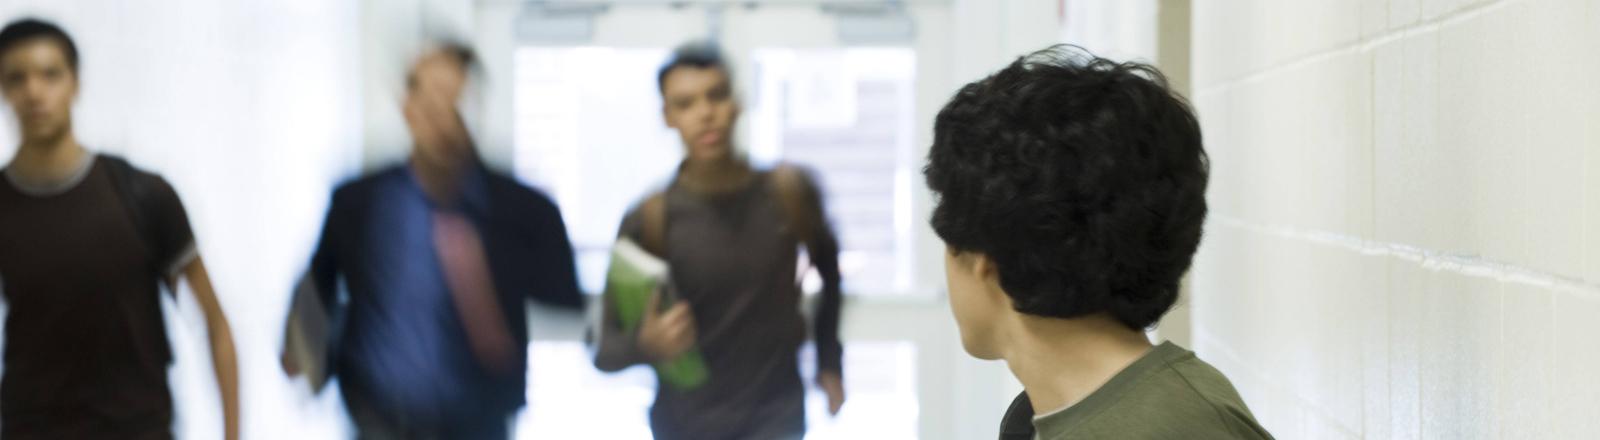 Zwei Schüler rennen aggressiv auf einen anderen zu.